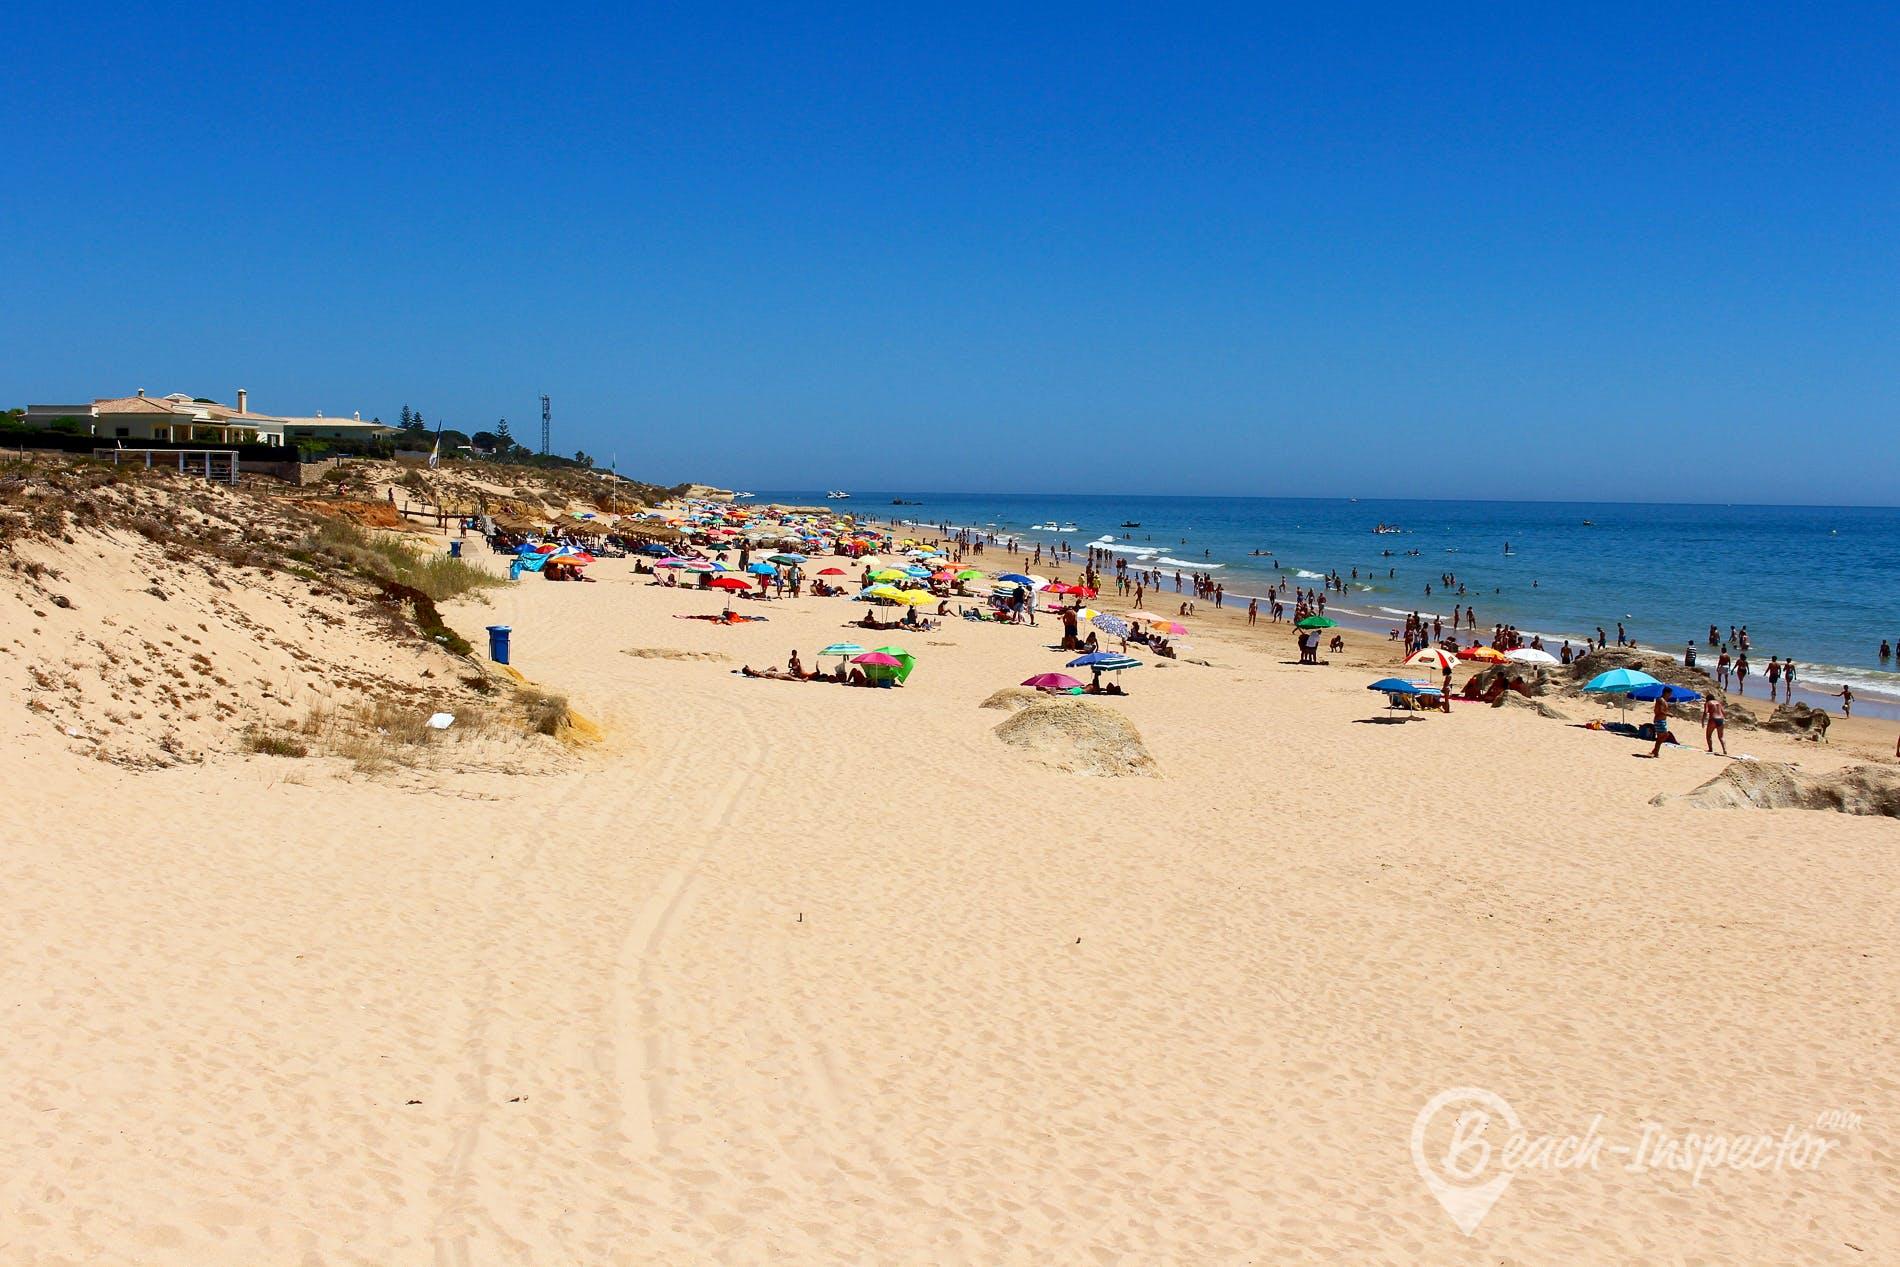 Strand Praia da Galé Oeste, Algarve, Portugal